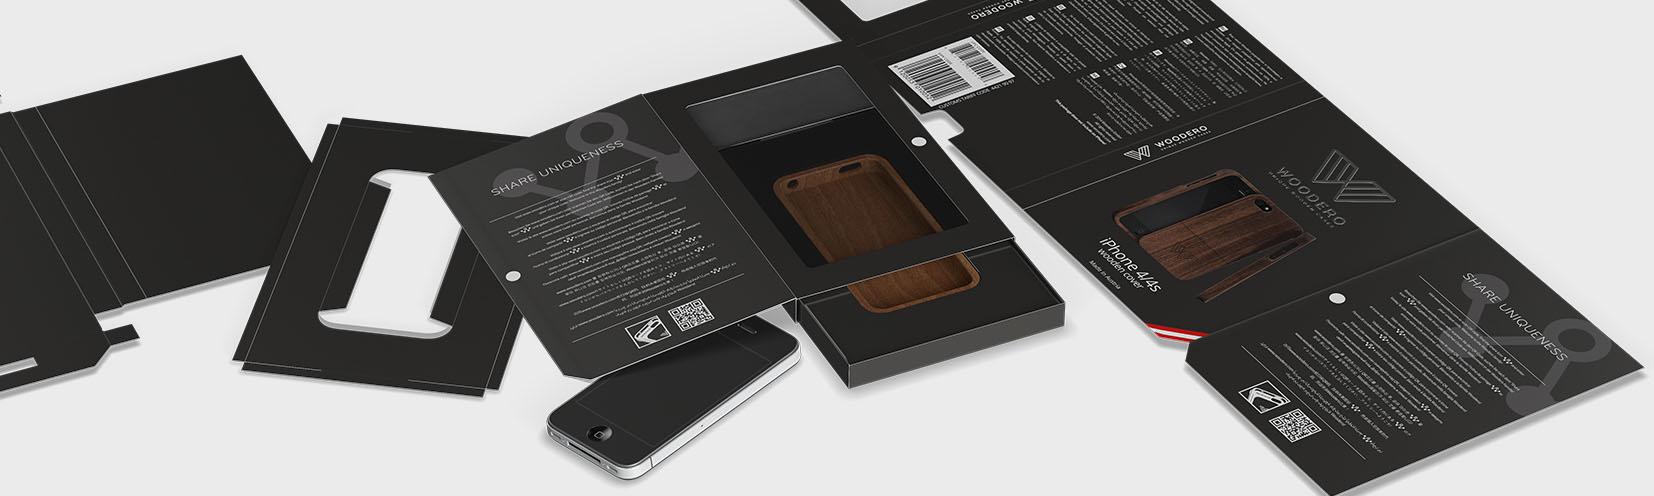 Cardbox Packaging